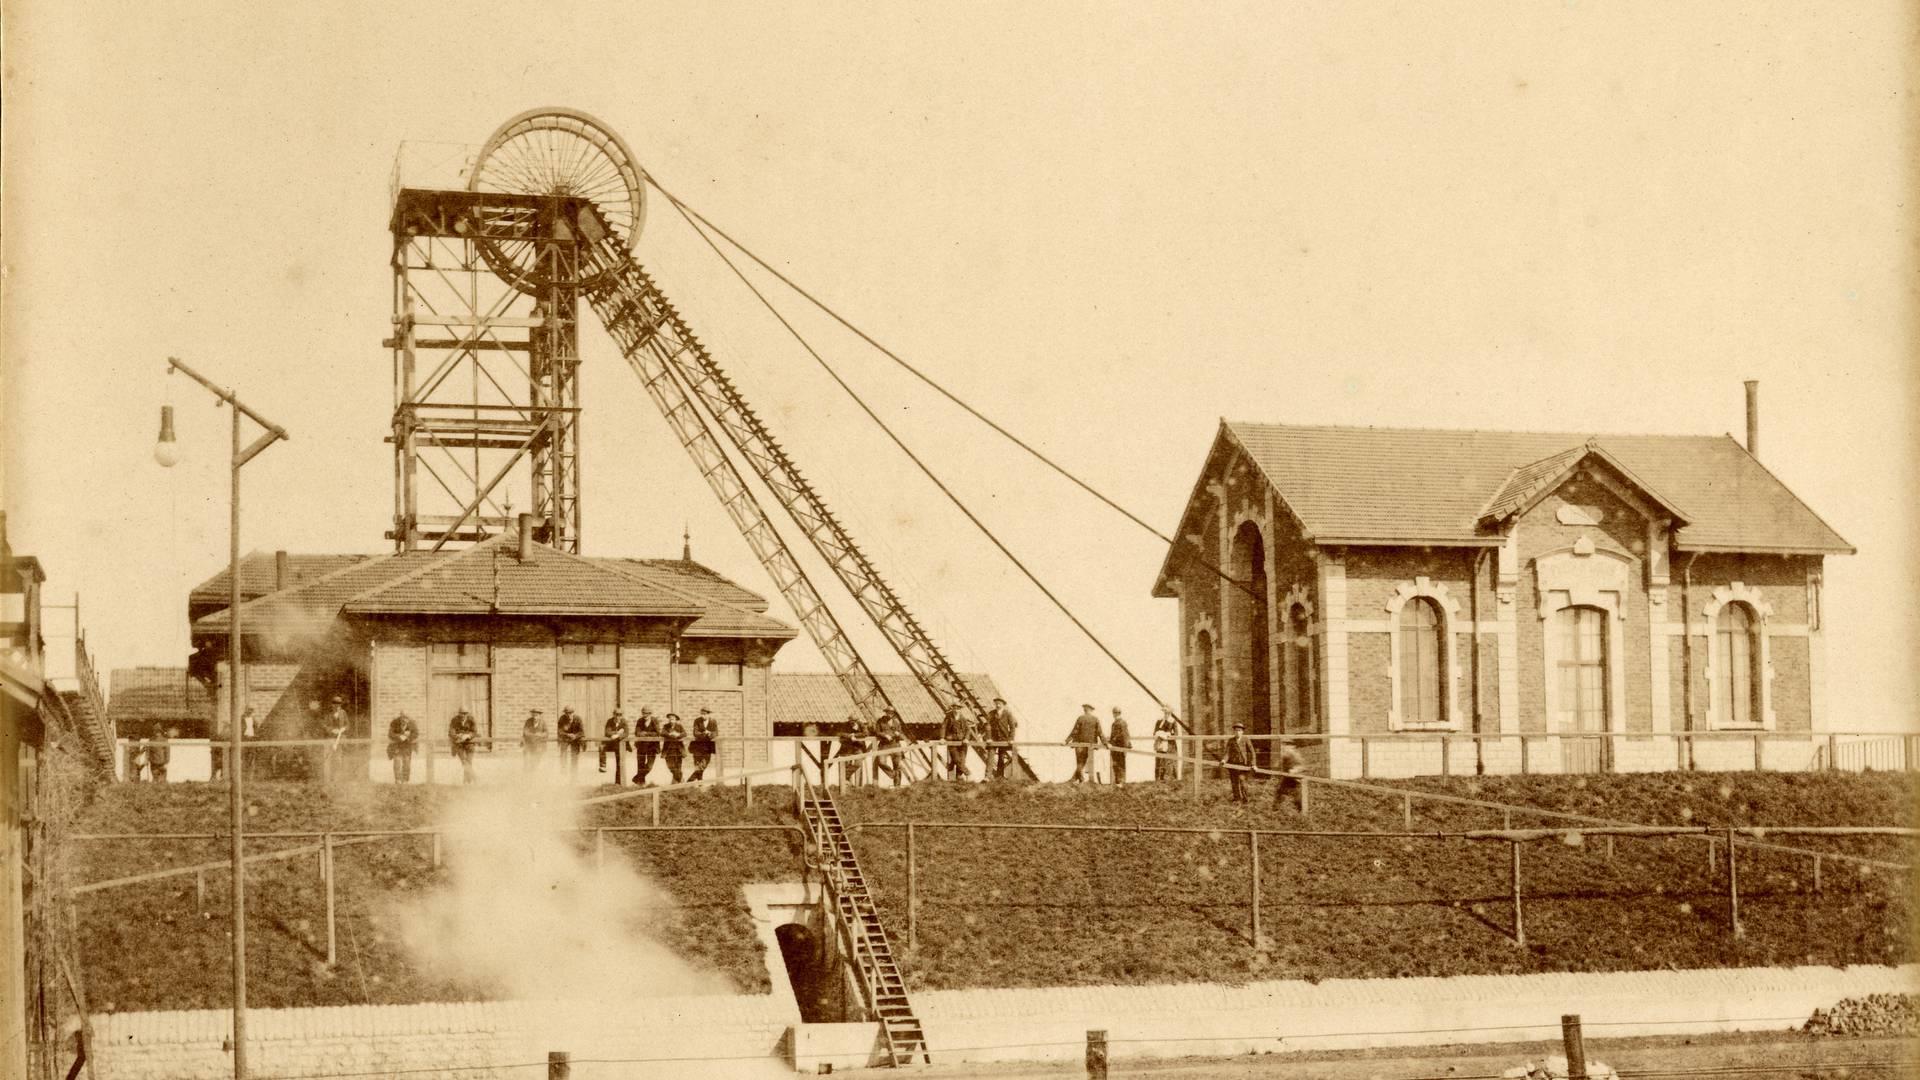 L'ancien puits Saint-Louis à Montceau-les-Mines en 1894. © CUCM, document Écomusée. Reproduction D. Busseuil.